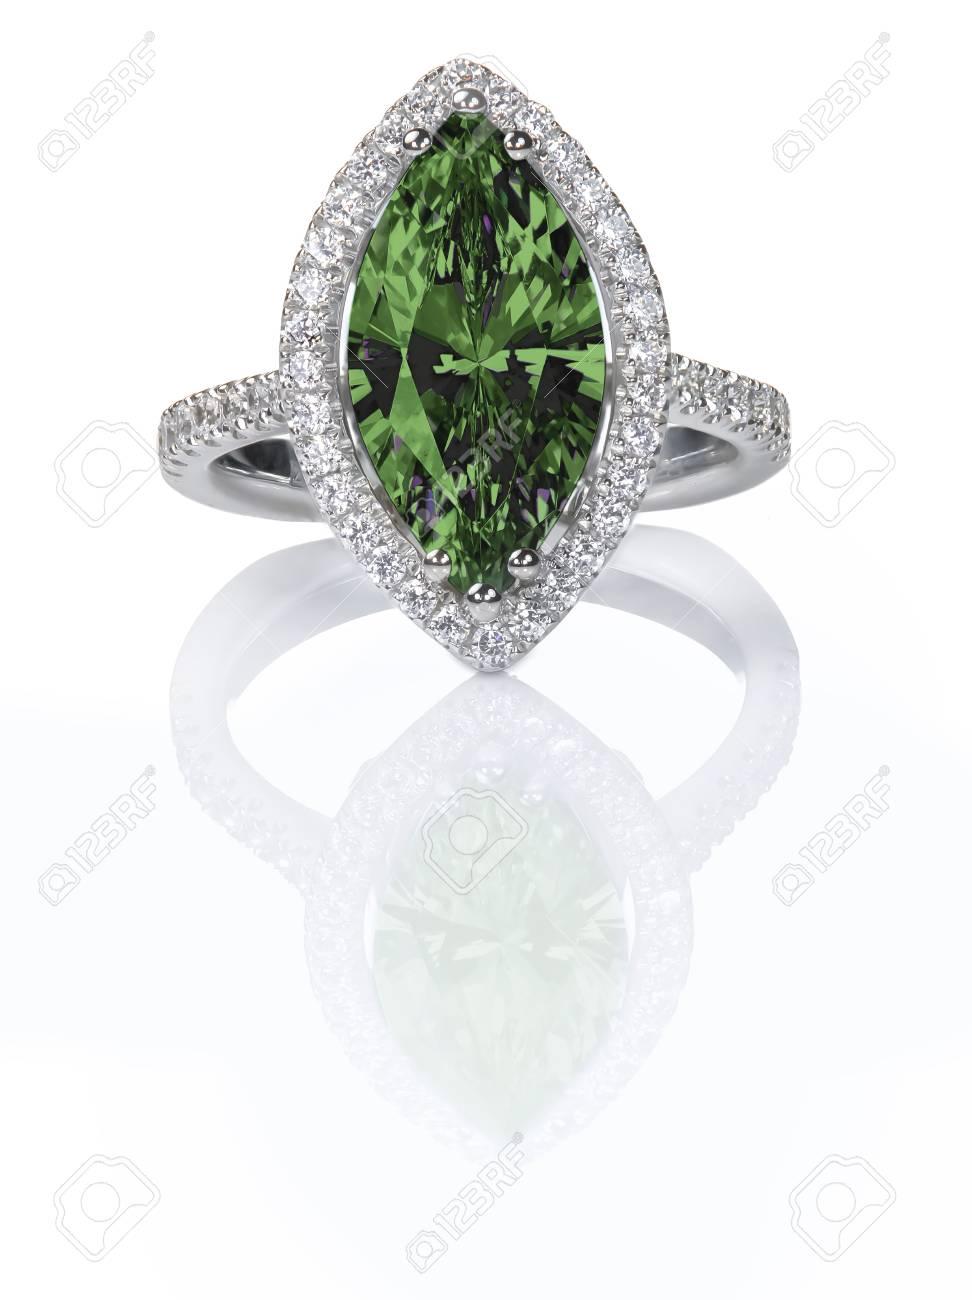 bague or diamant vert